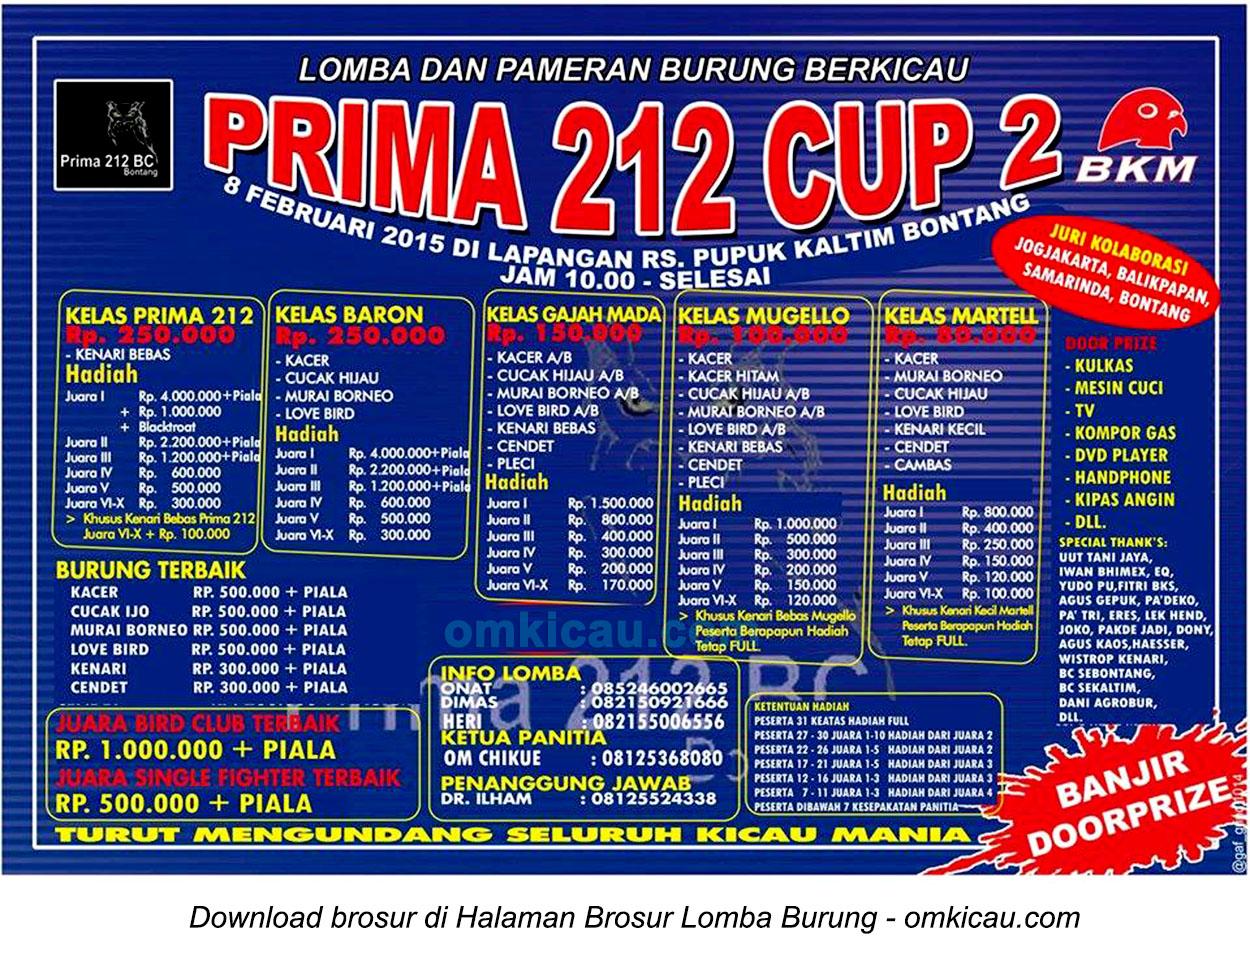 Brosur Lomba Burung Berkicau Prima 212 Cup 2, Bontang, 8 Februari 2014